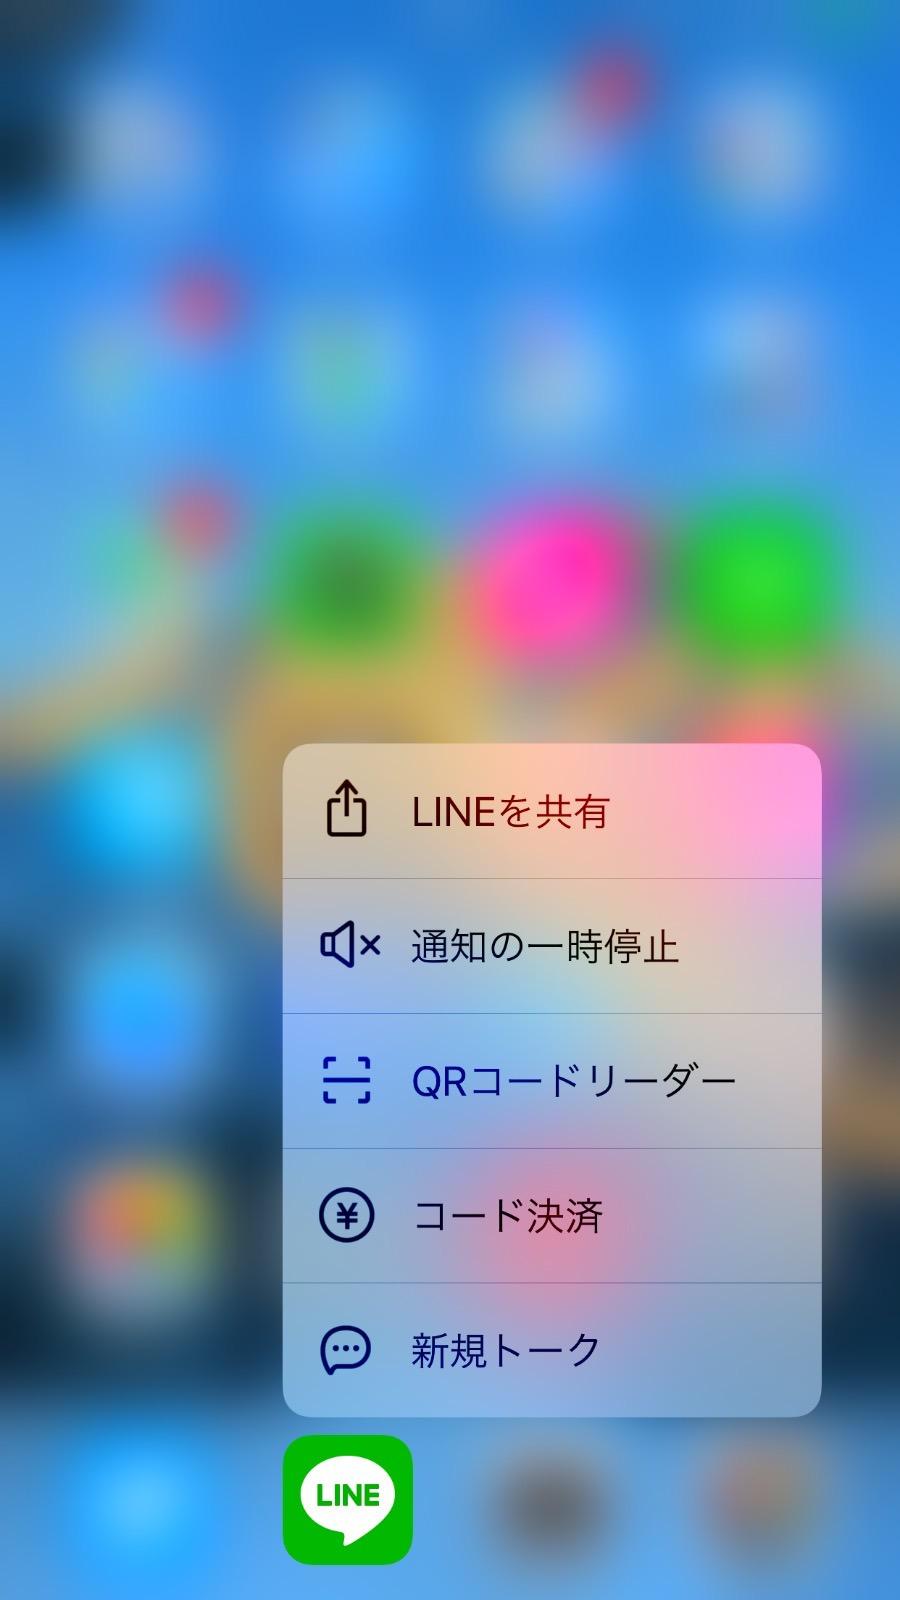 LINE Pay コード支払い 3Dタッチ